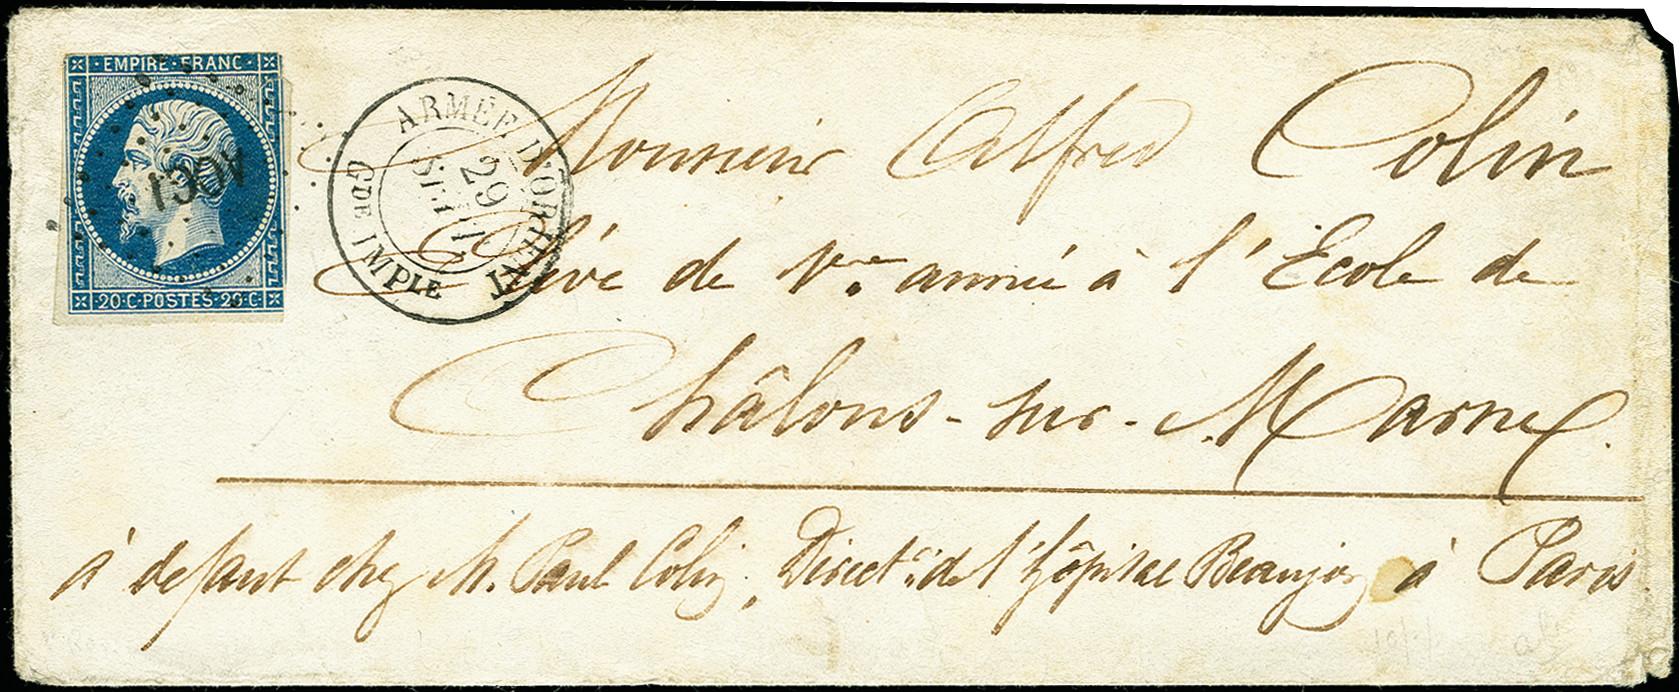 Lot 1336 - europa France -  Heinrich Koehler Auktionen 375rd Heinrich Köhler auction - Day 1